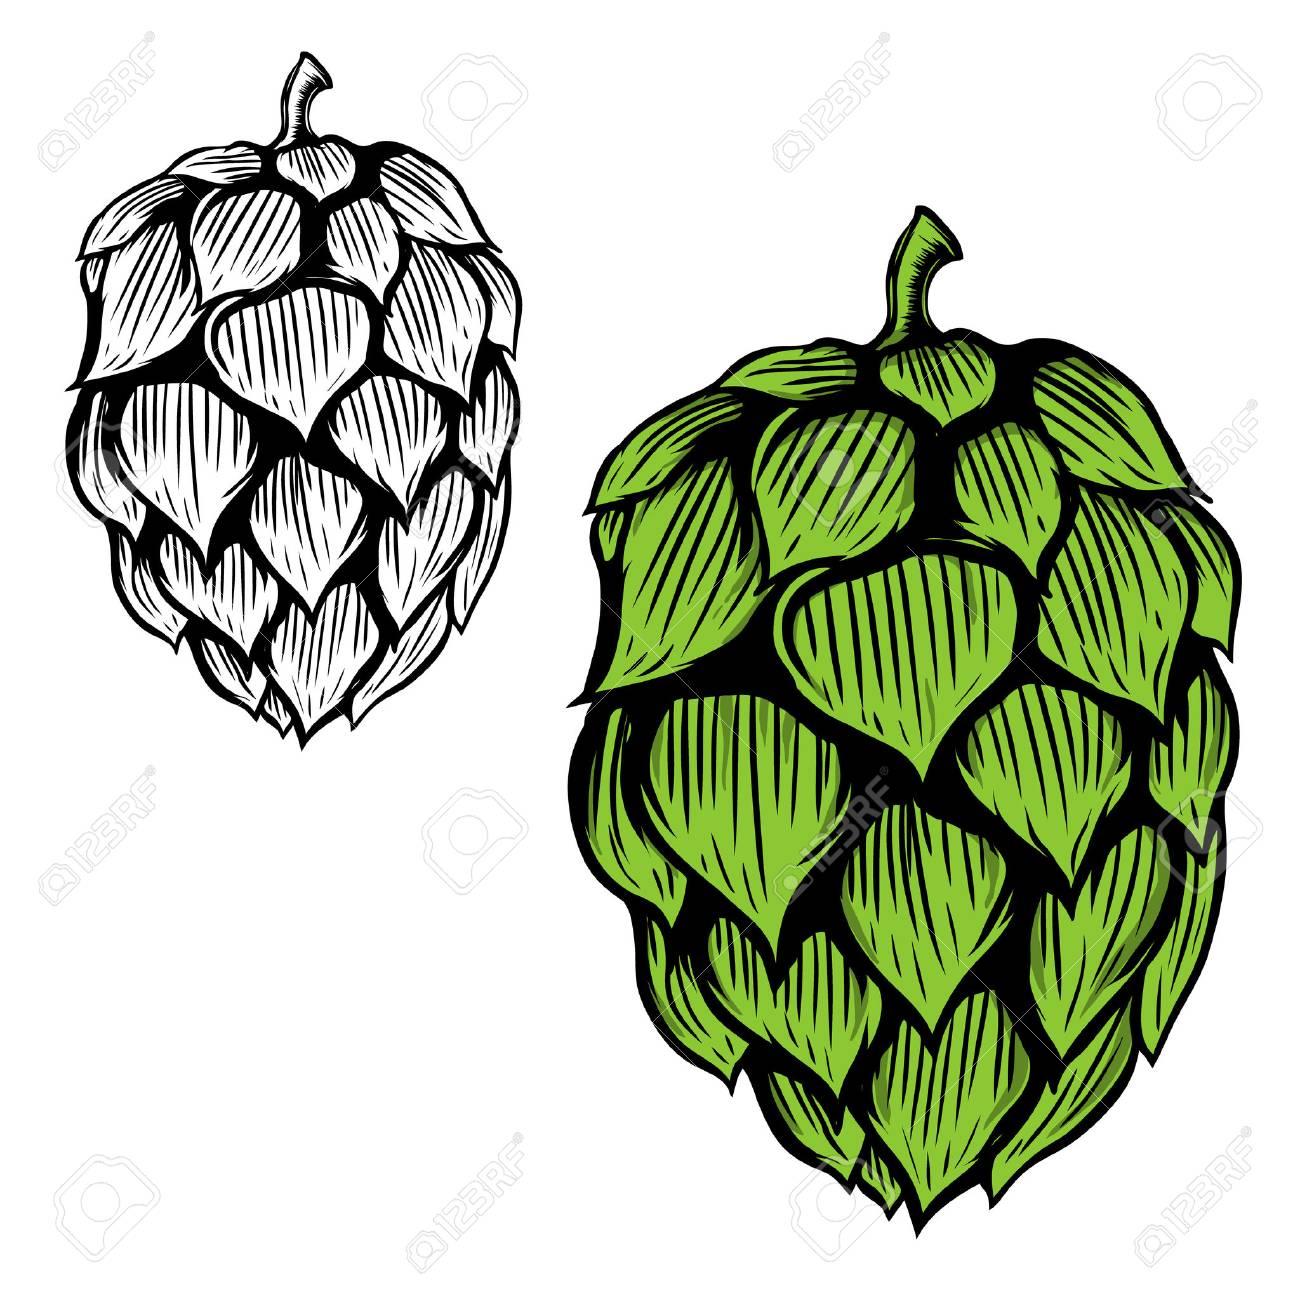 Beer hop illustration on white background. Design element for logo, label, emblem, sign. Vector illustration - 78077265